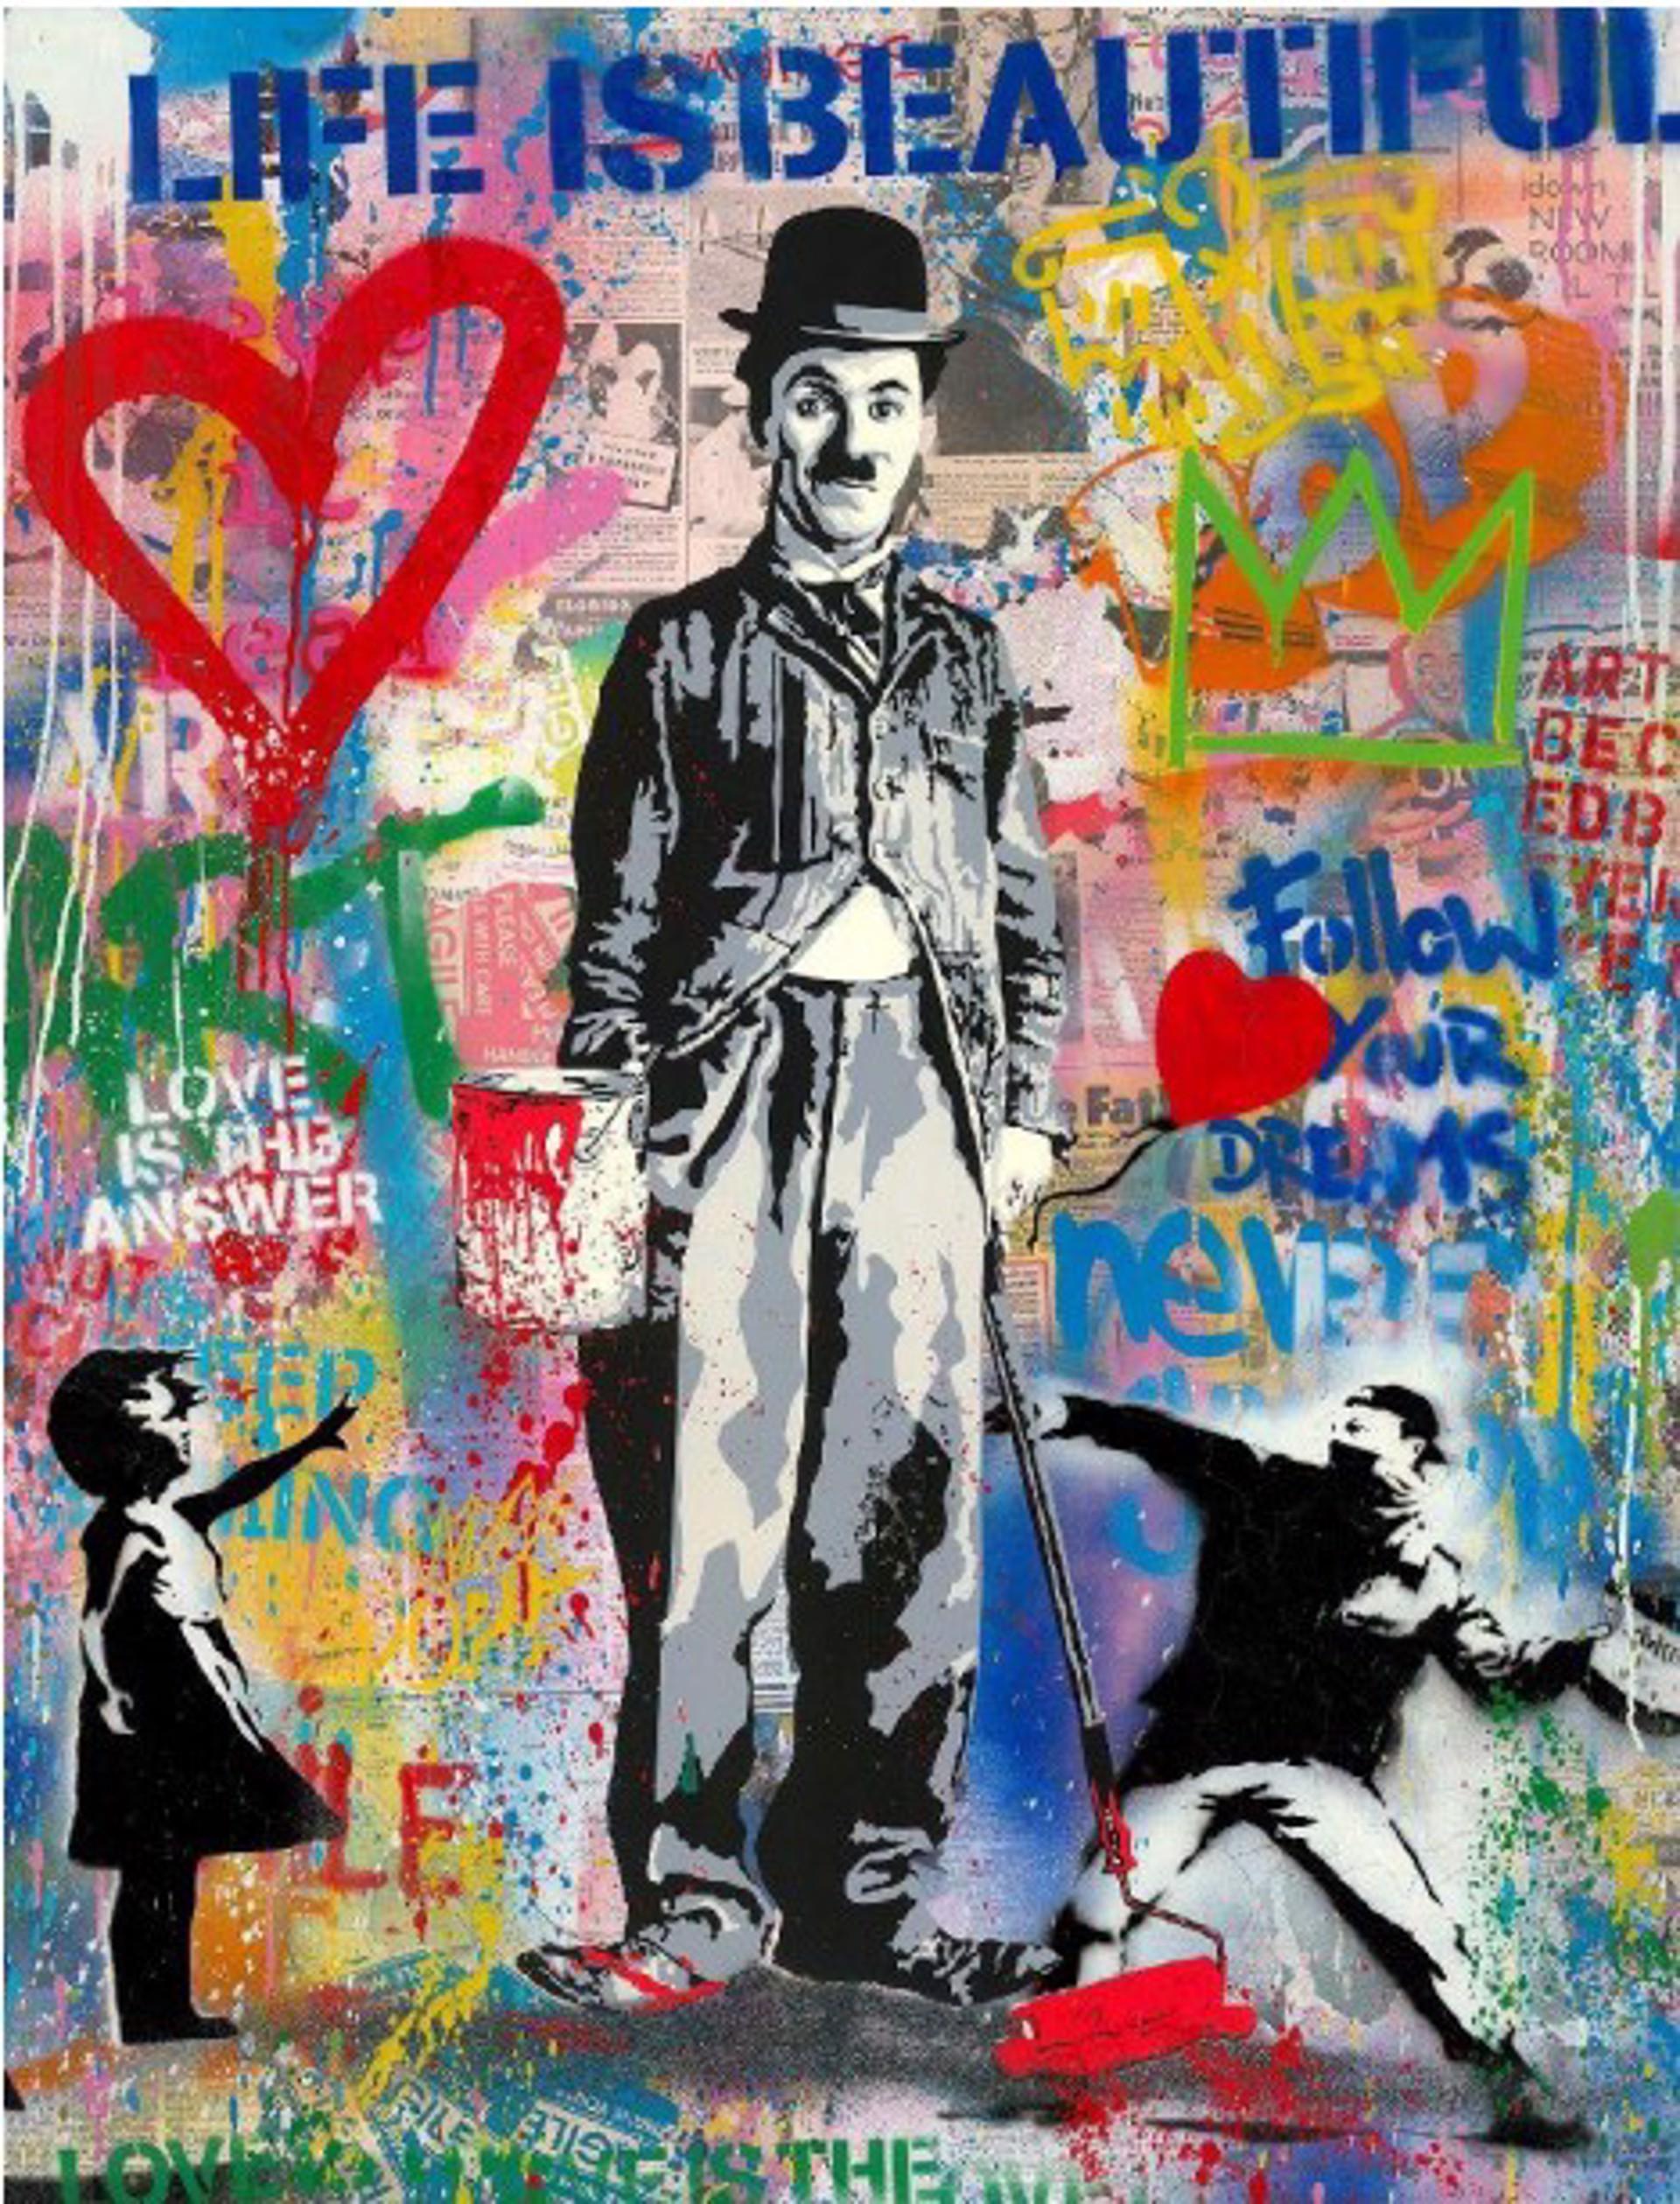 Chaplin by Mr. Brainwash (b. 1966)